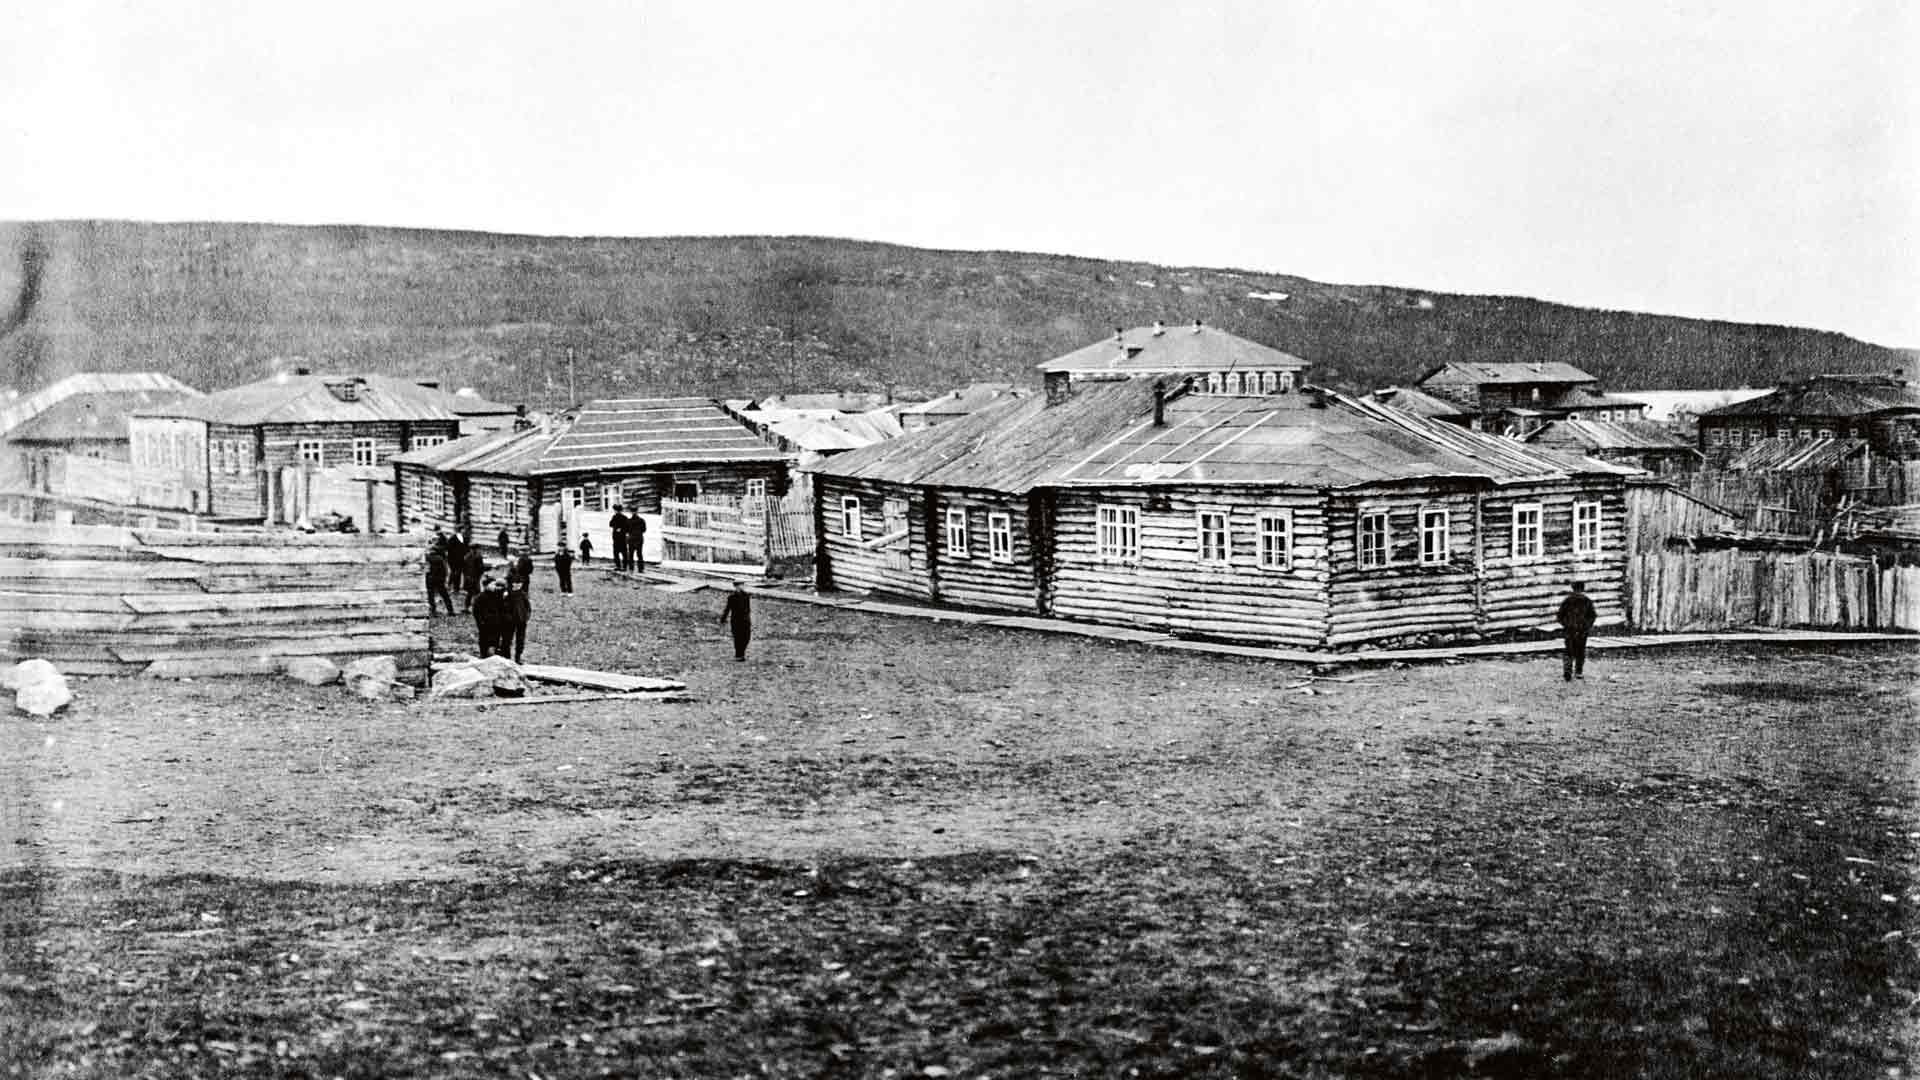 Venäjän puoleisille Jäämeren rannoille alkoi 1800-luvun puolen välin jälkeen kohota suomalaisasumuksia yksi toisensa jälkeen. Kylät kohtasivat karun lopun Stalinin vainoissa.